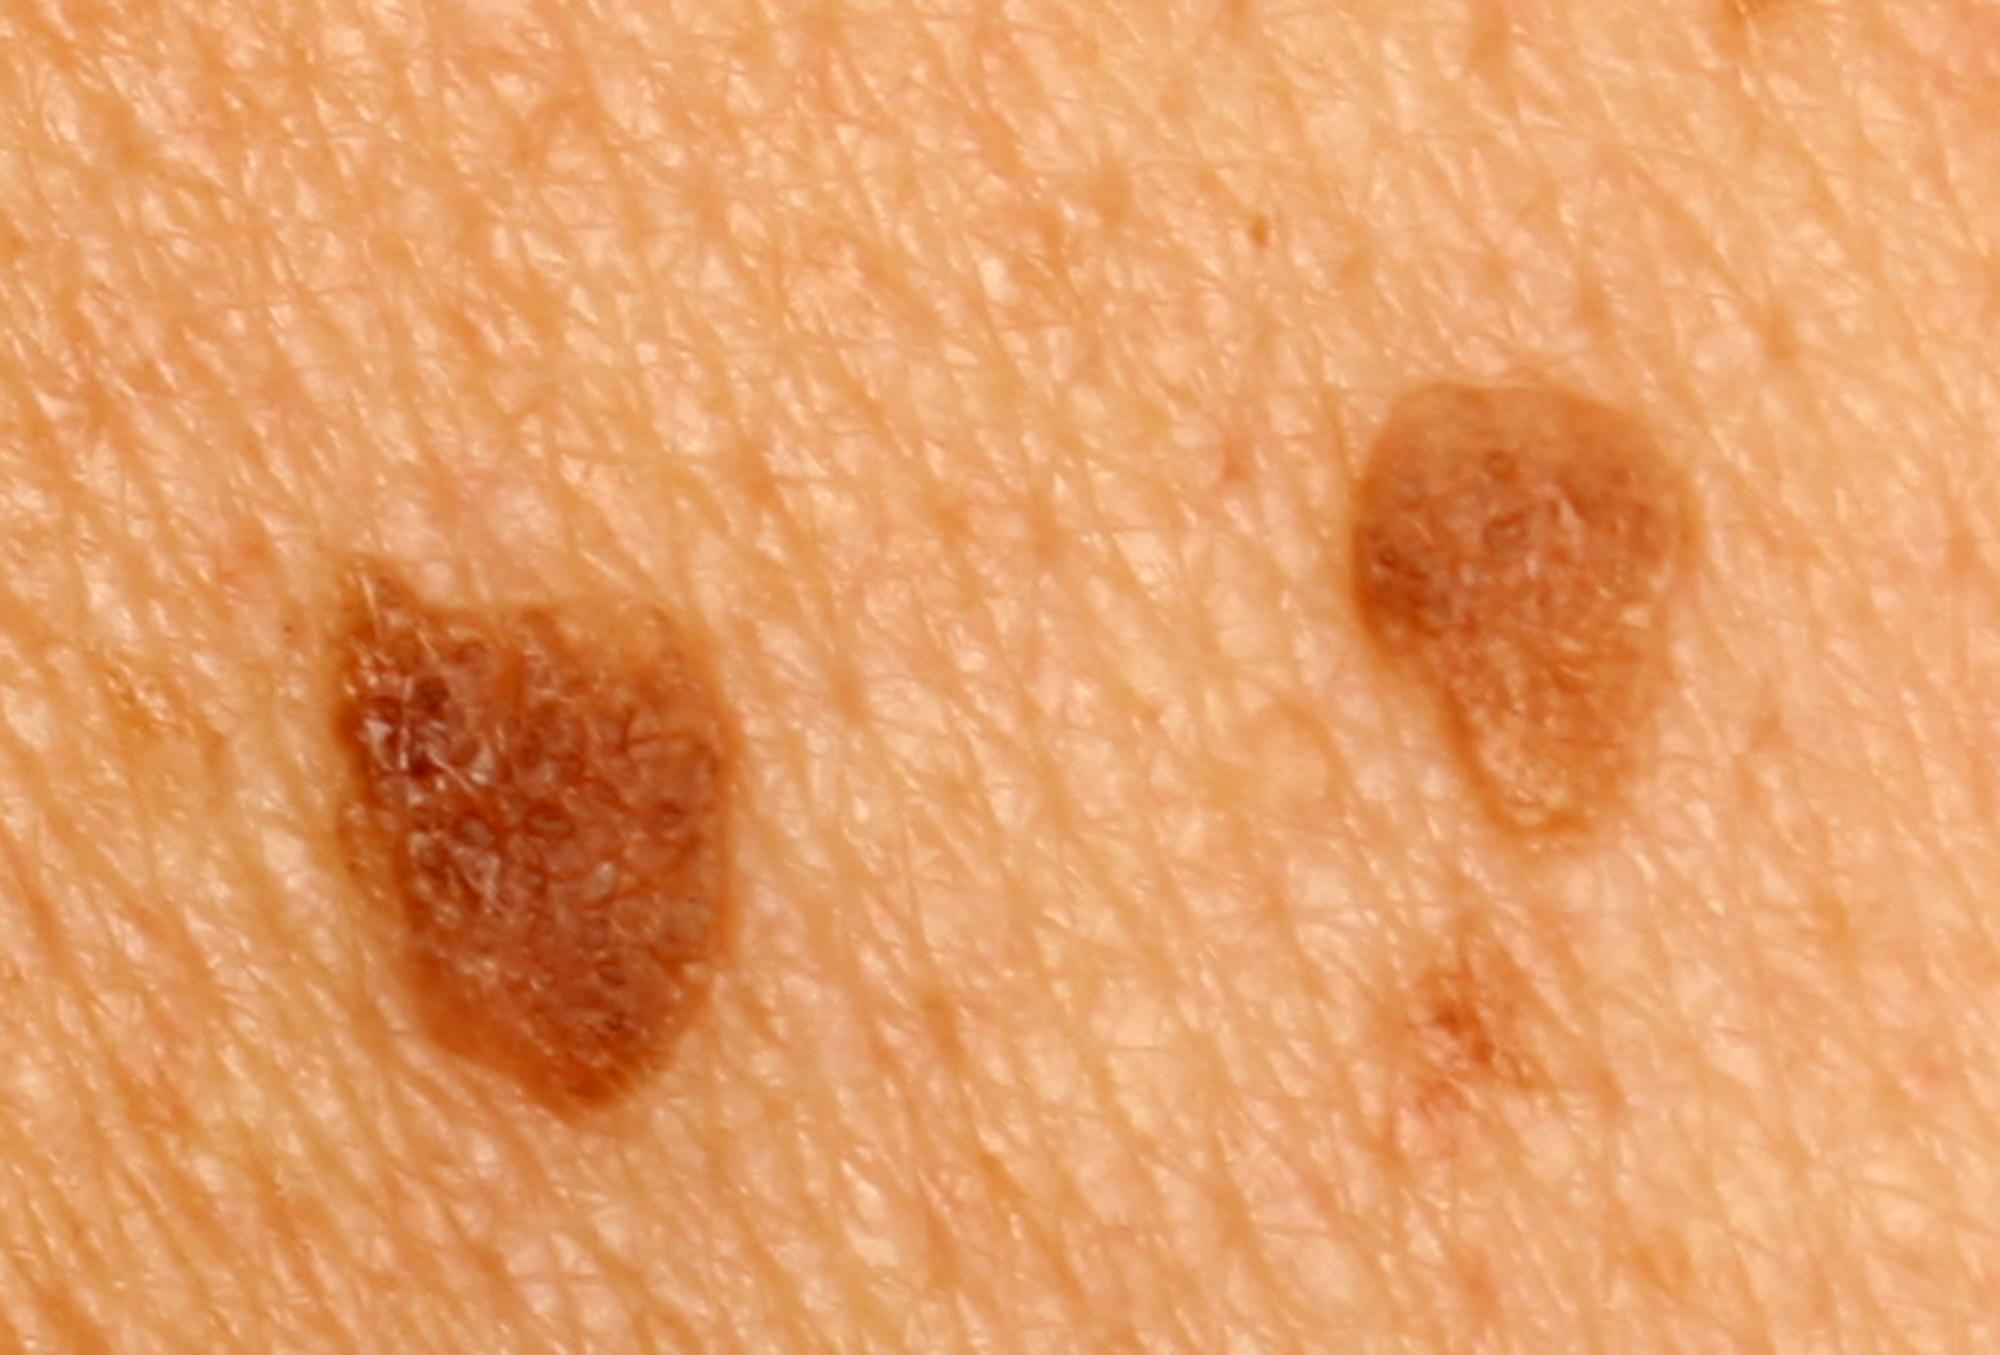 papilloma skin benign